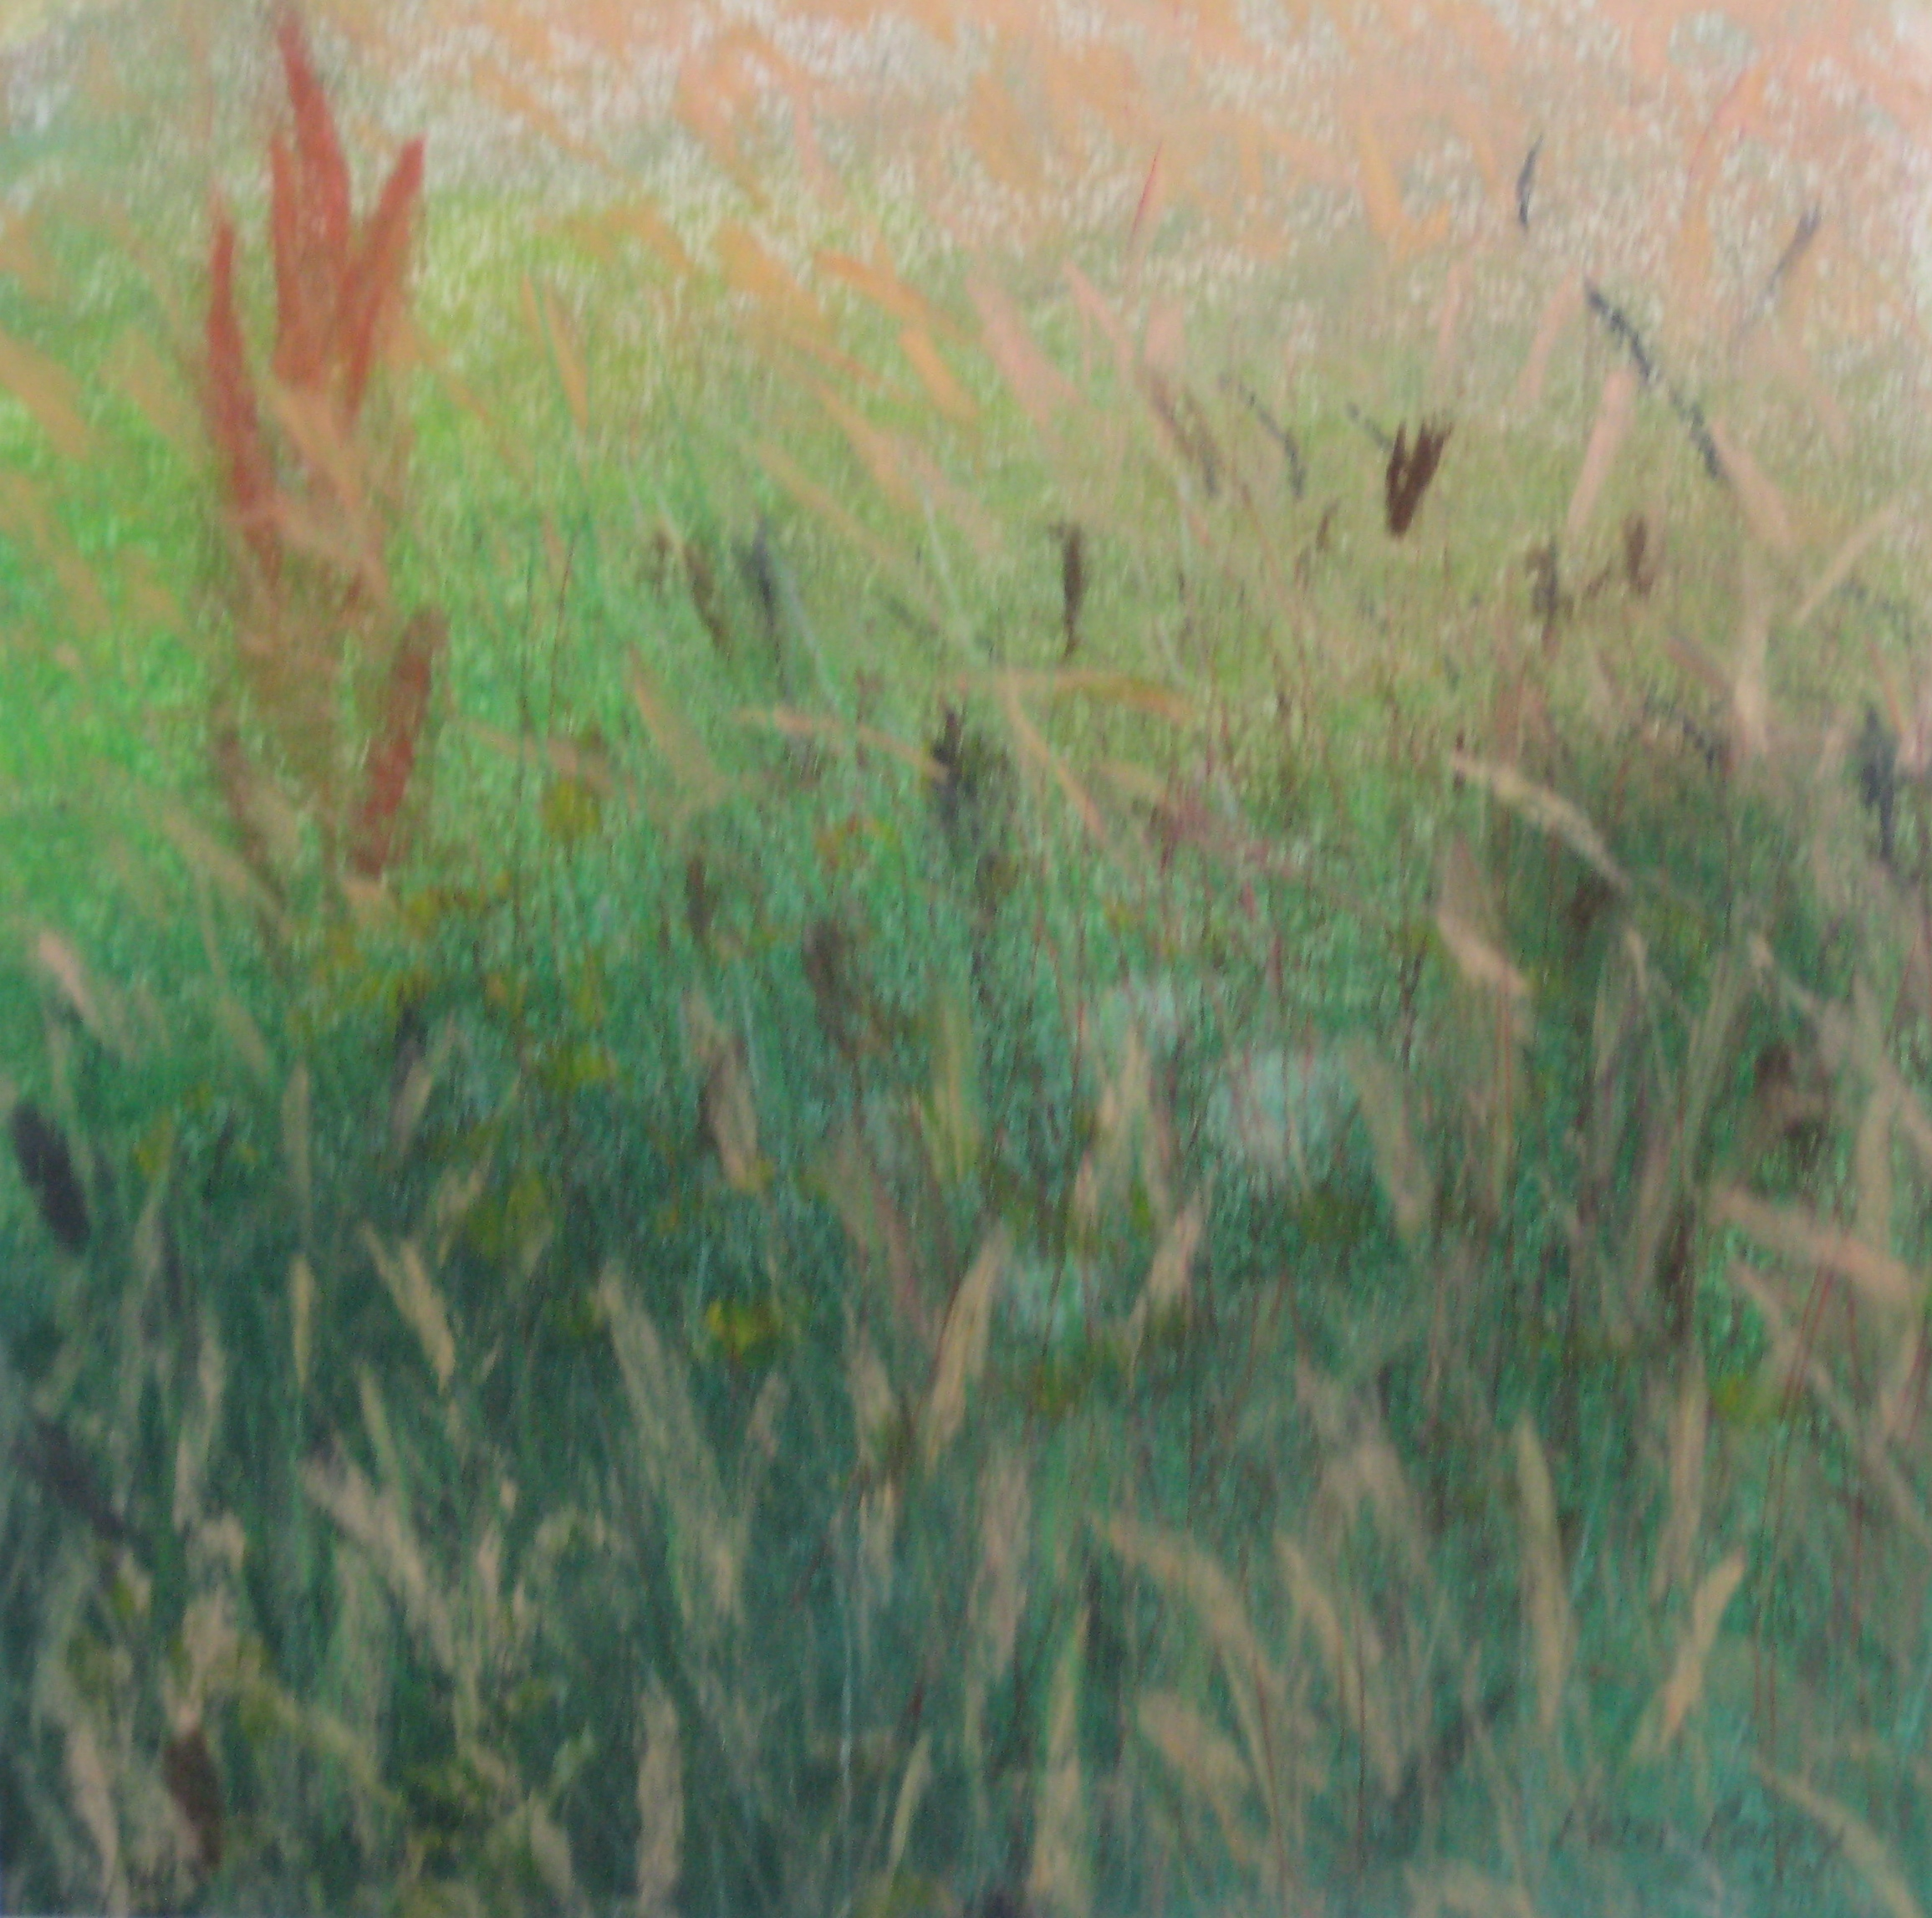 SUMMER GRASSES I